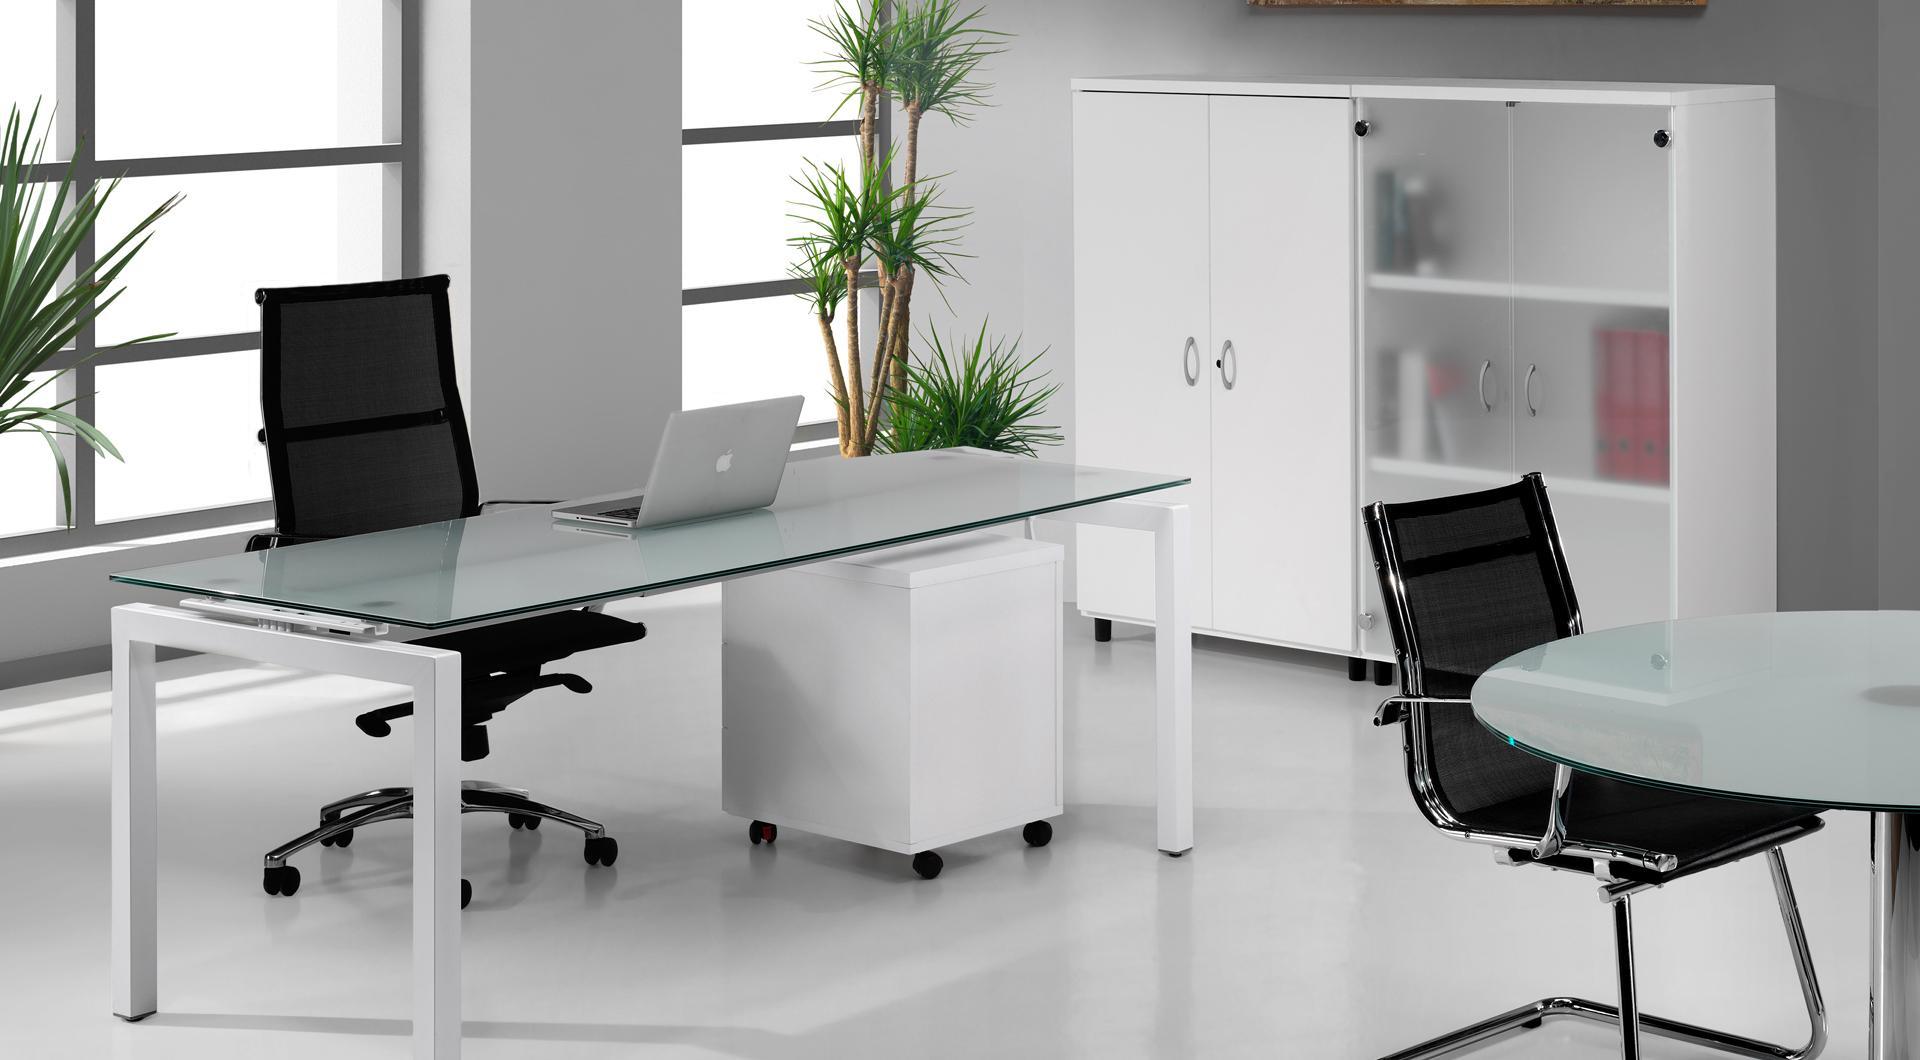 Armarios de oficina baratos muebles baratos de oficina for Mobiliario oficina barato